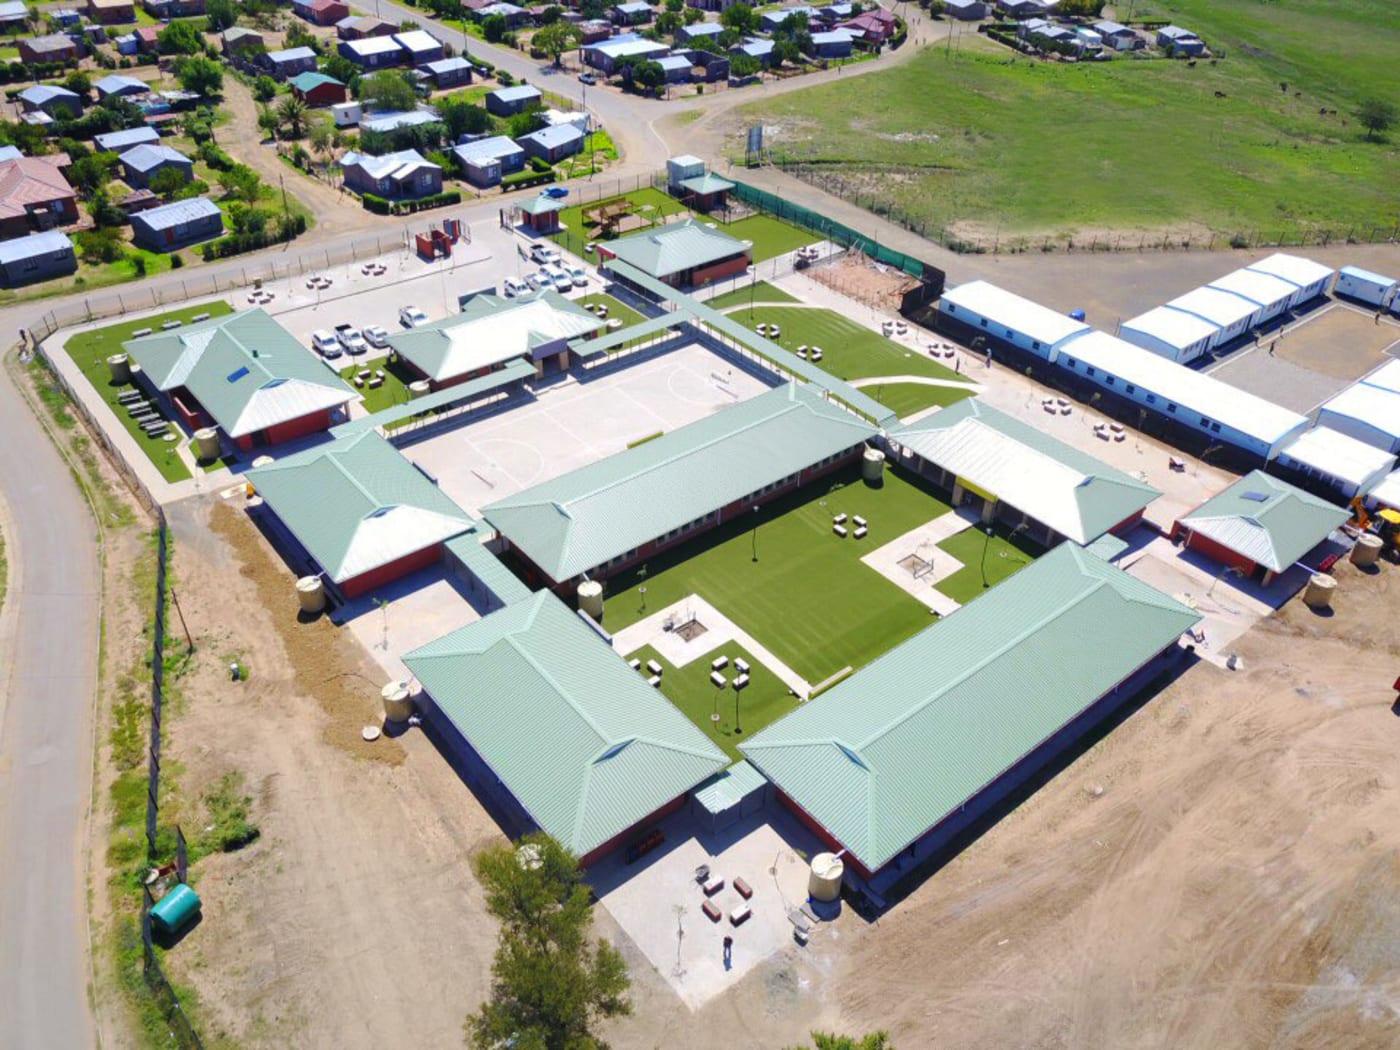 Dawiesville Primary School